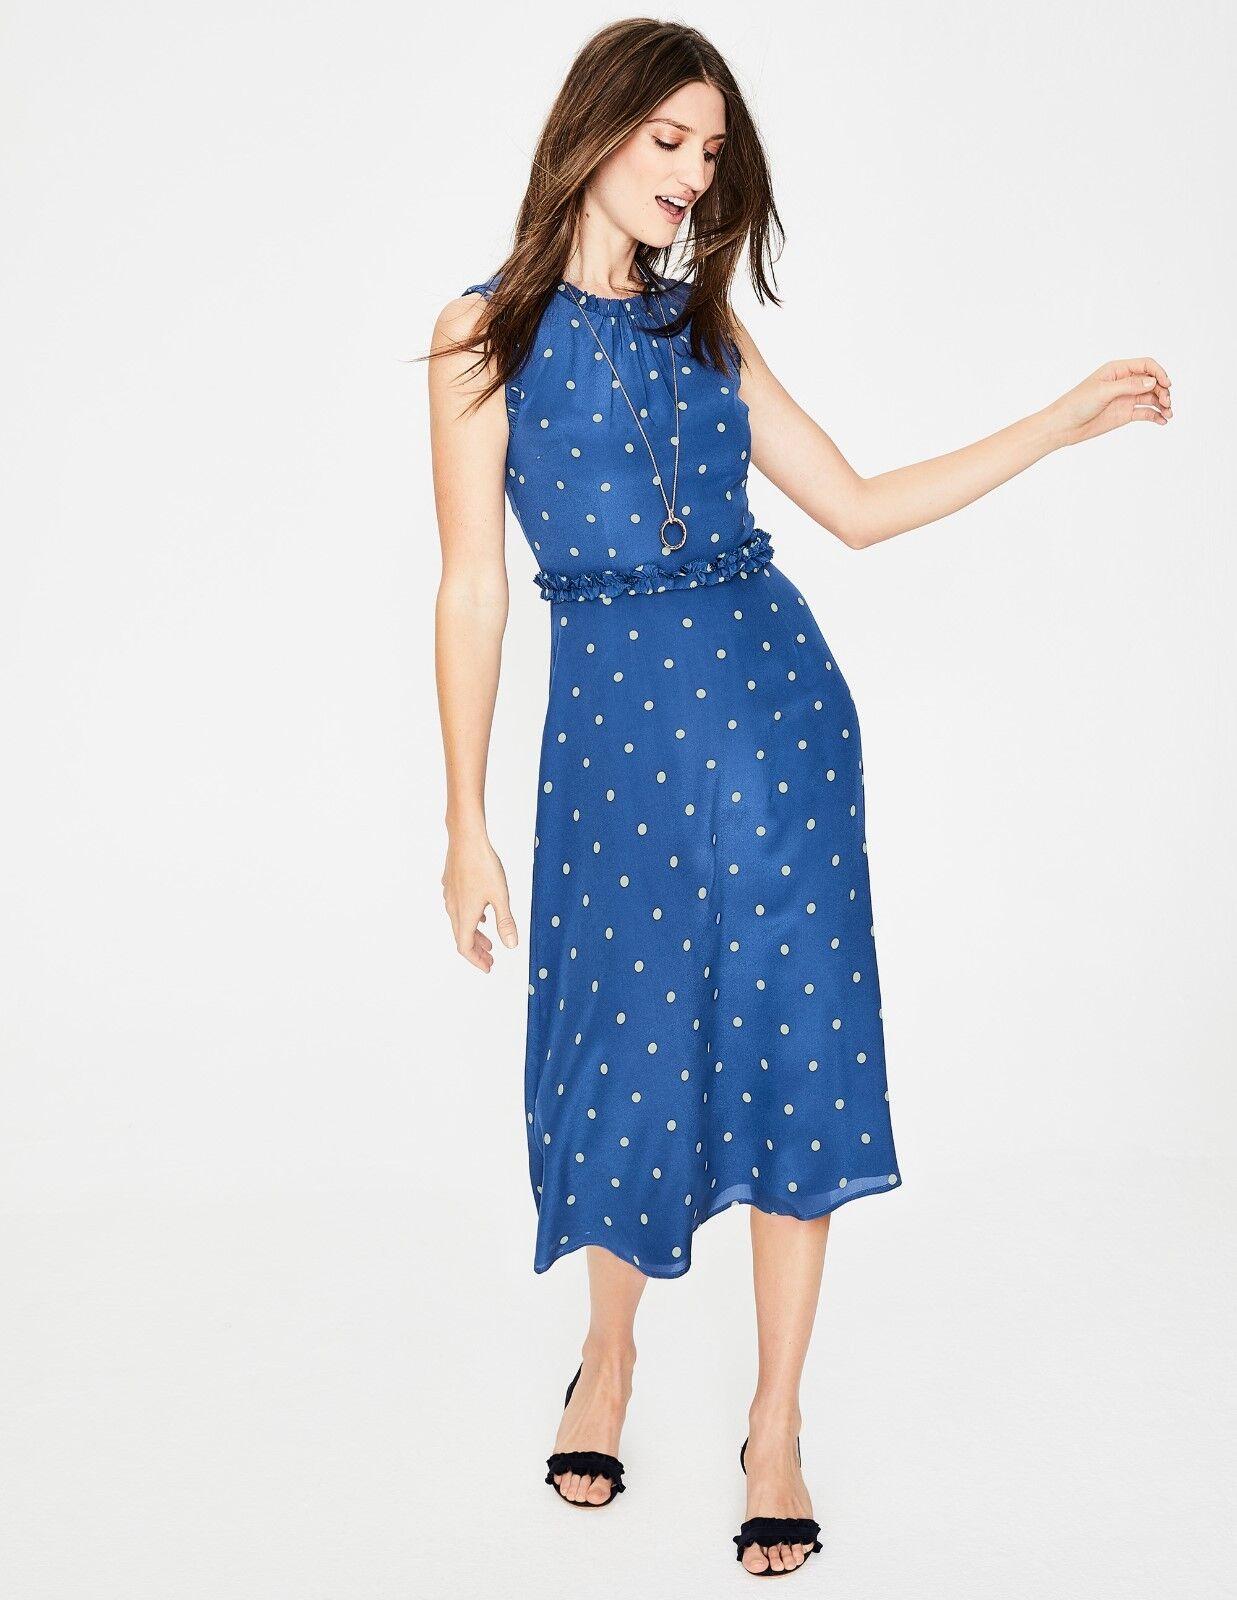 Vestido de Seda Boden Effie opulento  azul Spot Talla 16 Largo Rrp  precios mas bajos